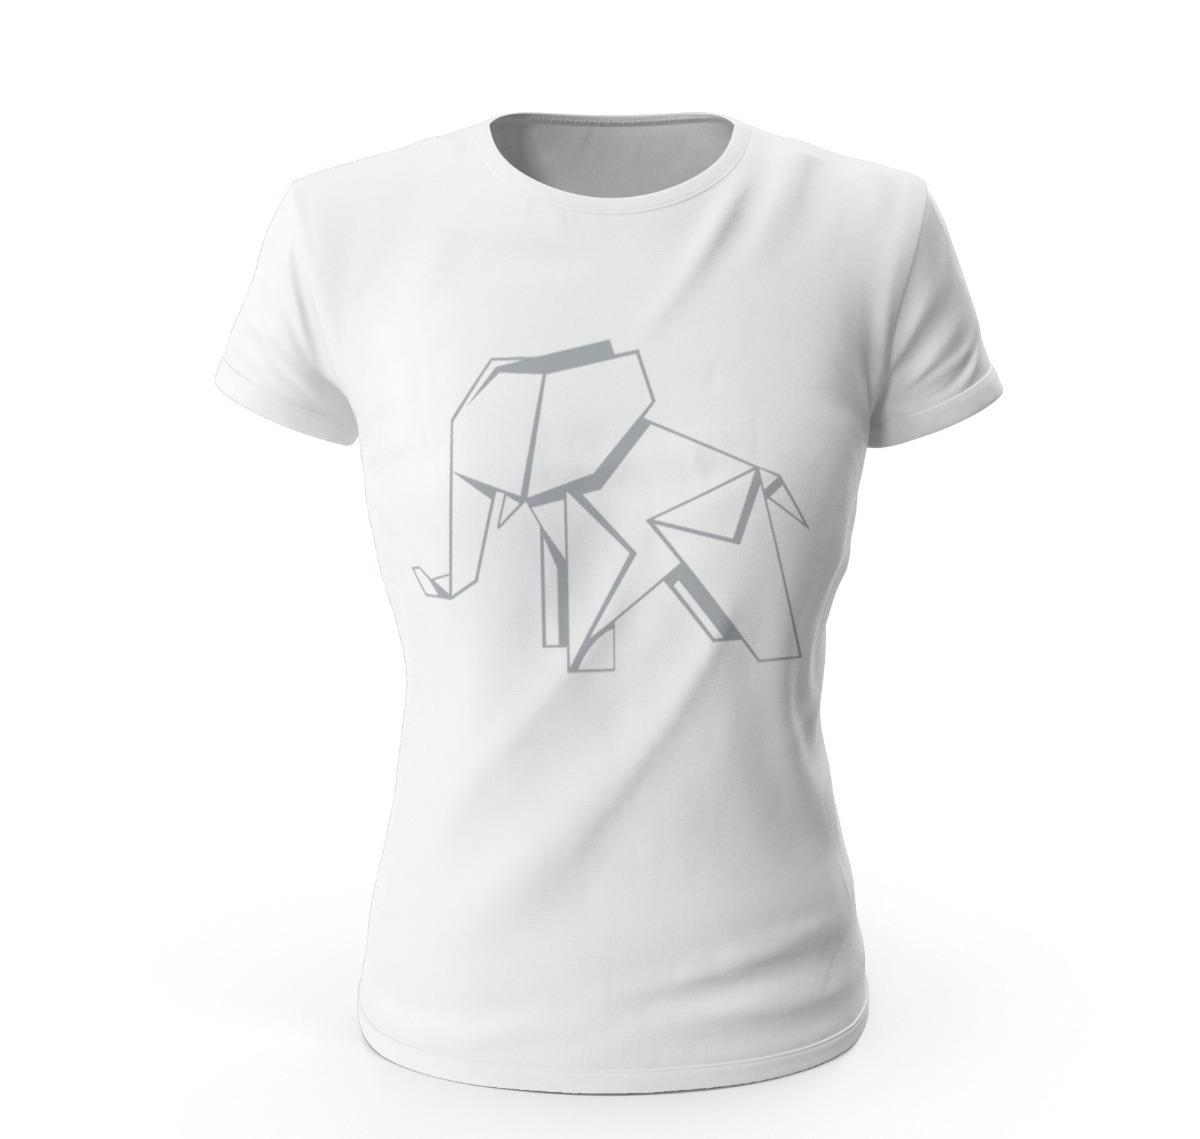 Playera Elefante Origami Con Diseño Relieve Envío Gratis! - $ 289.00 ...